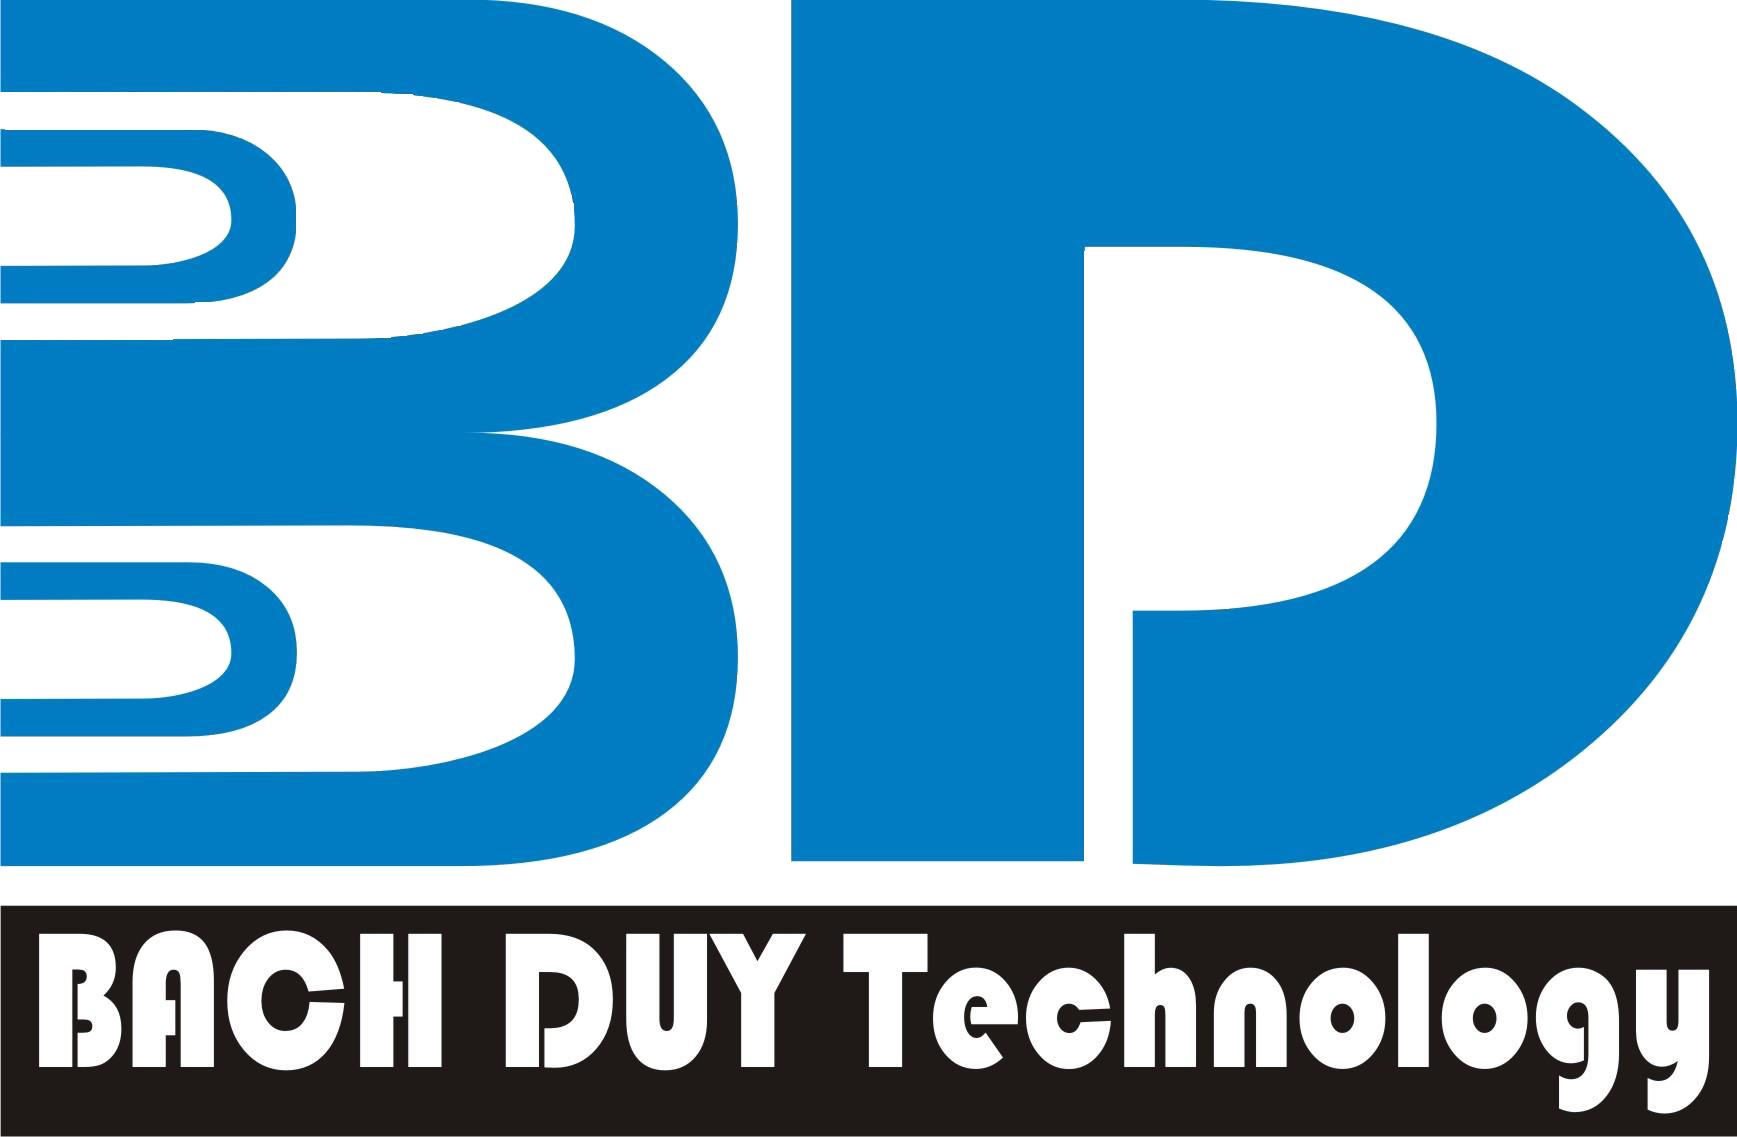 www.bachduy.com